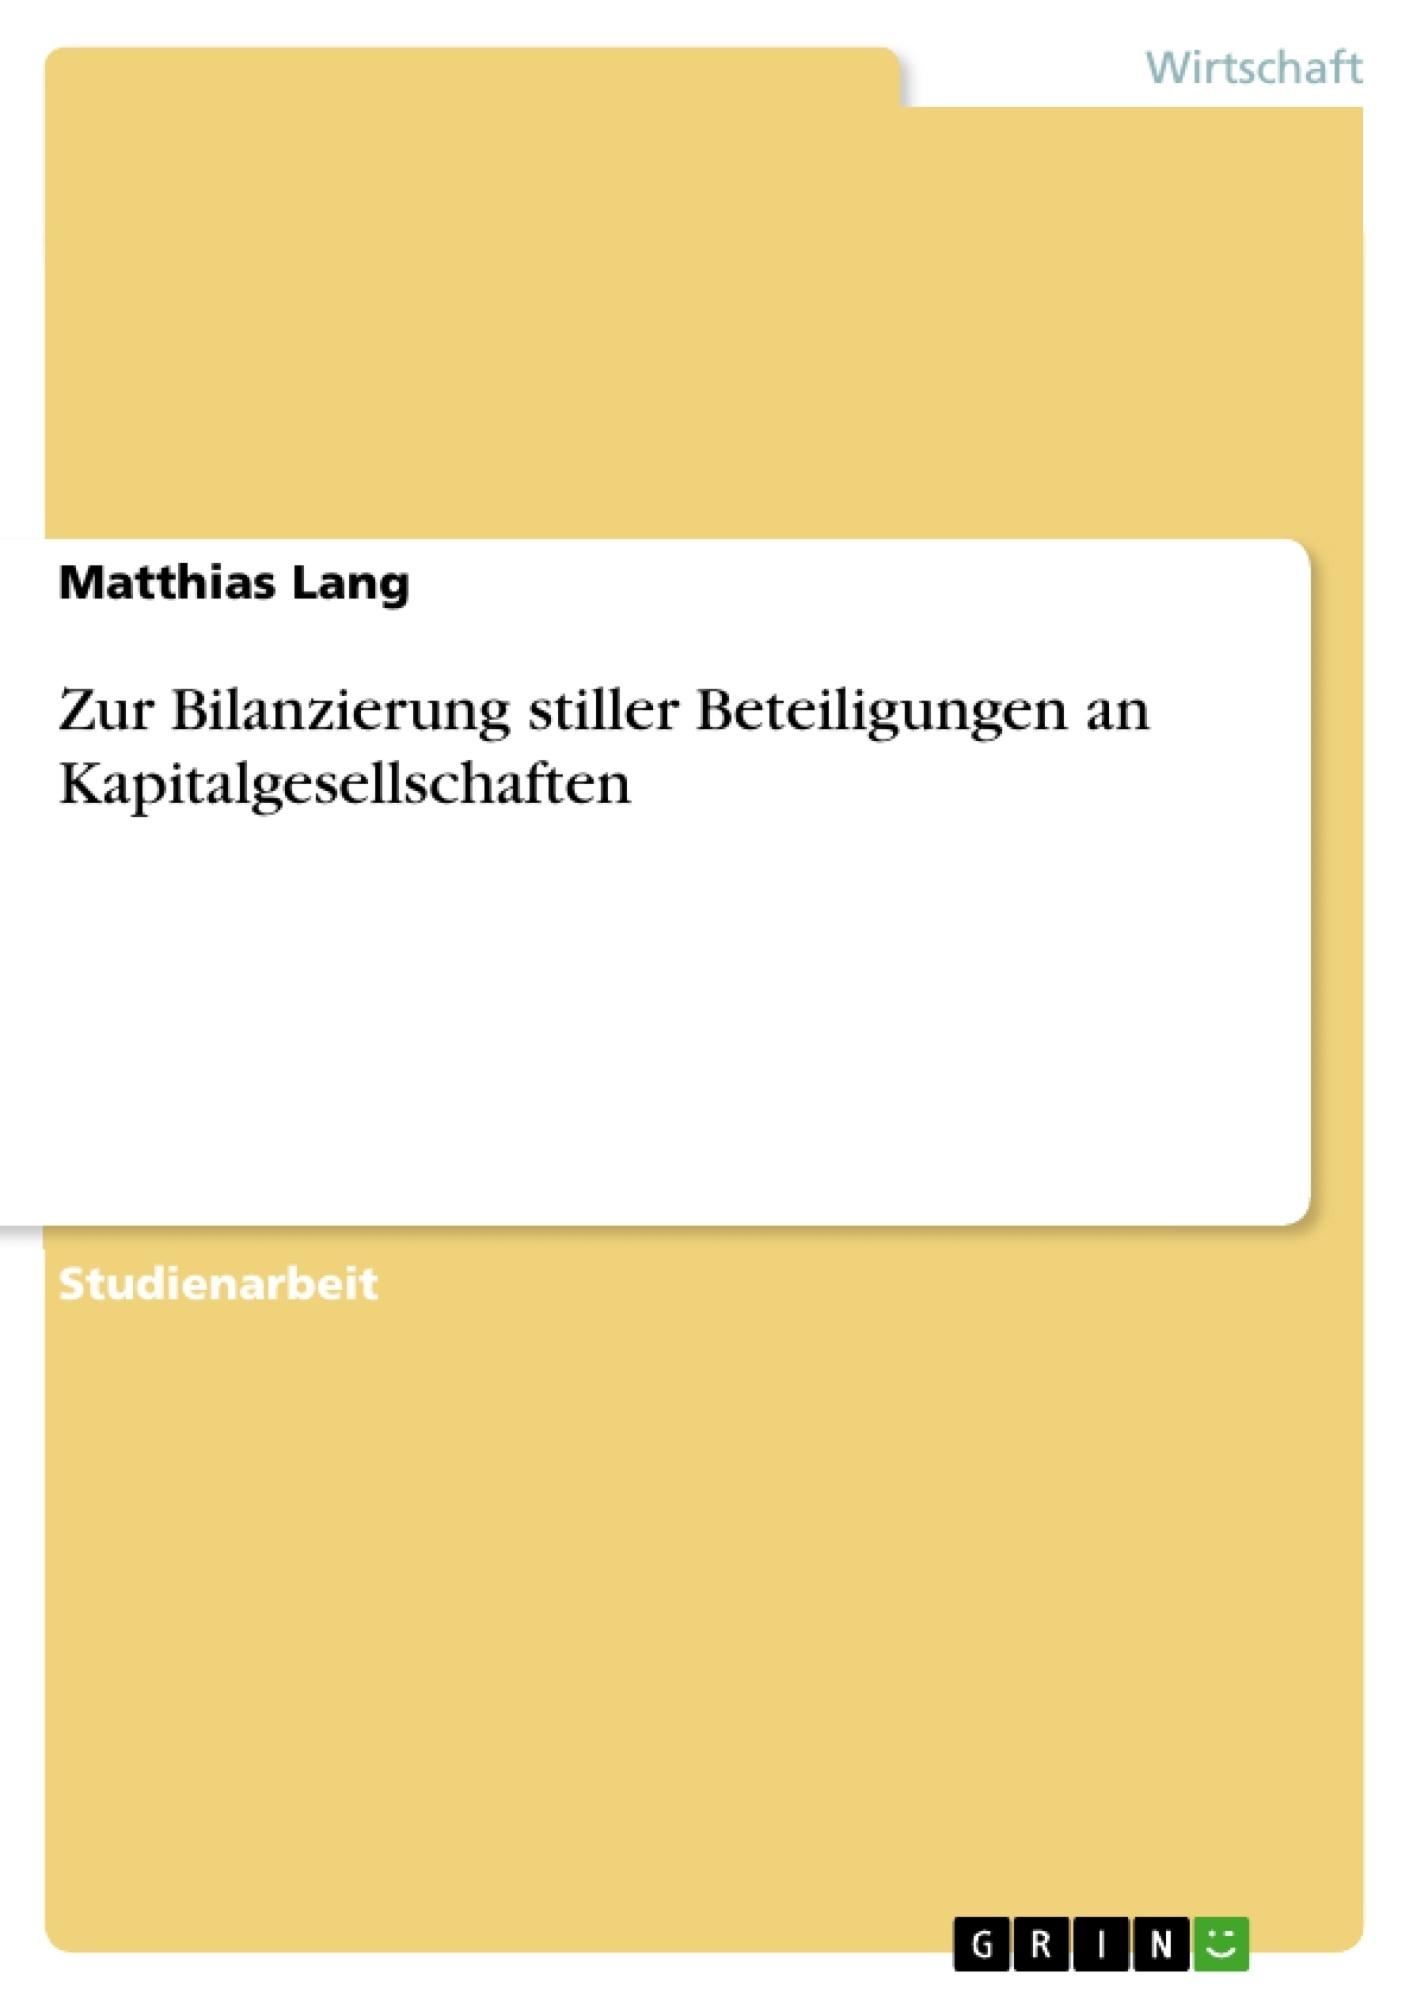 Titel: Zur Bilanzierung stiller Beteiligungen an Kapitalgesellschaften